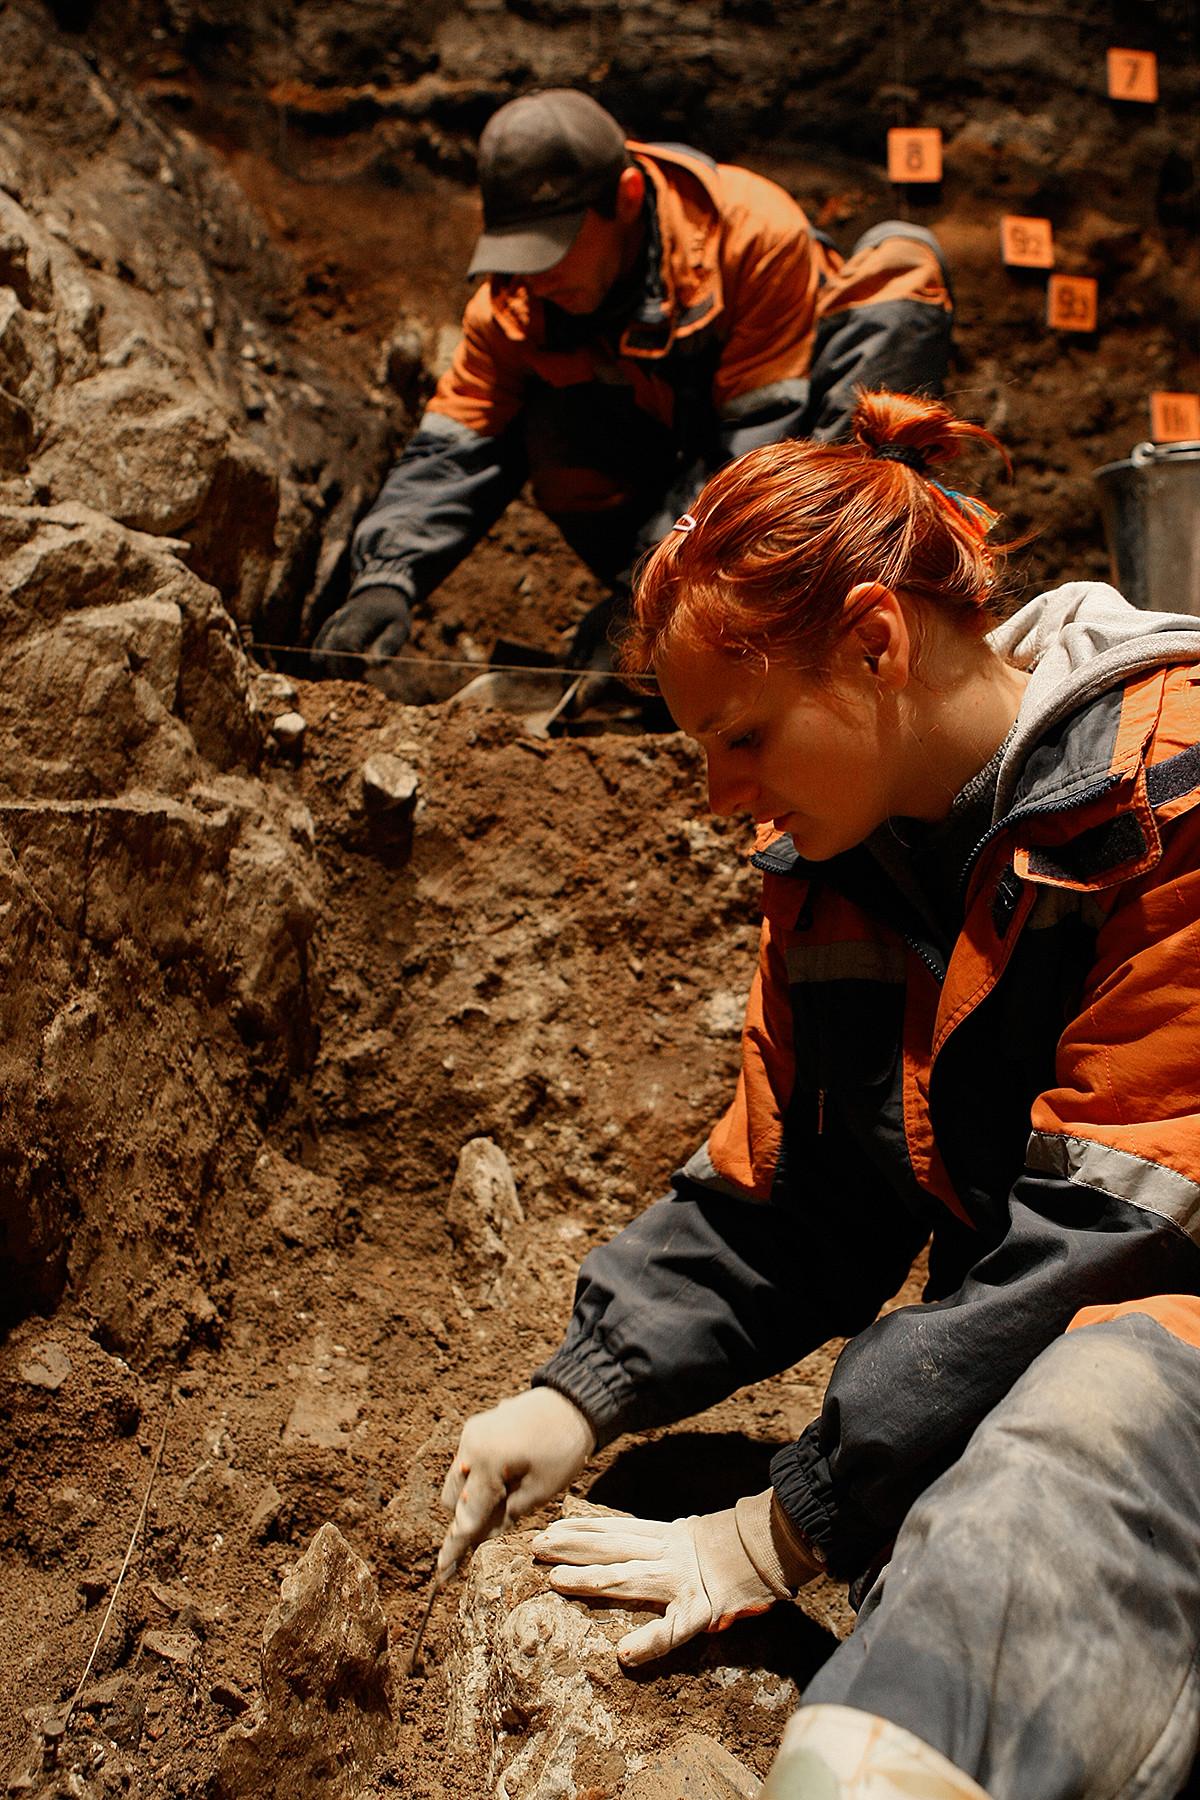 Археолози от Сибирския клон на Руската академия на науките в Денисовската пещера